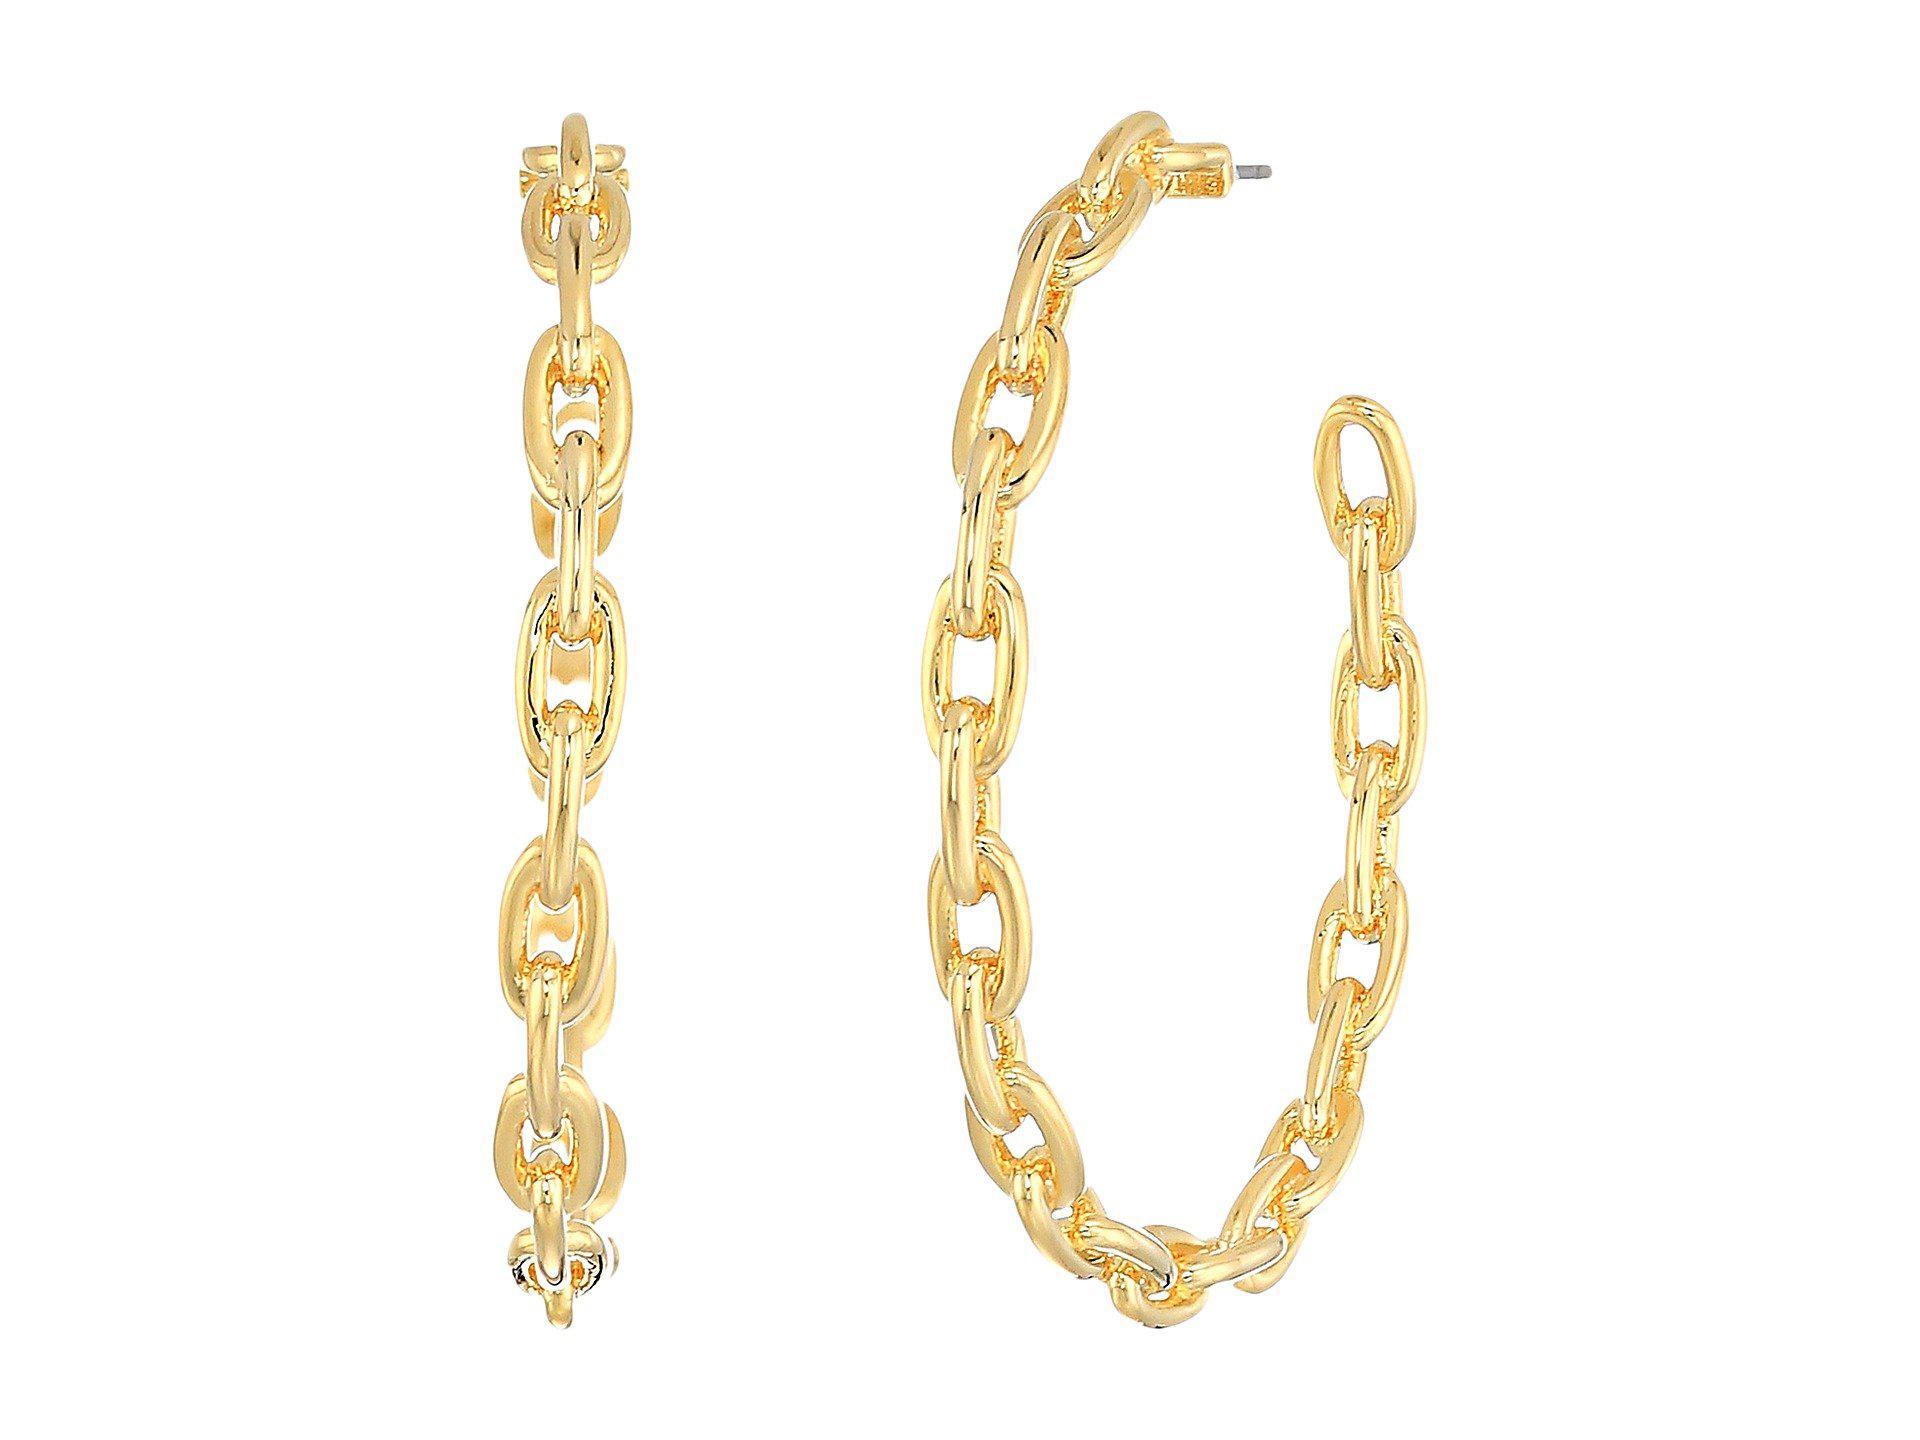 Kate Spade New York Chain Reaction Link Hoops Earrings 6hbBg9T